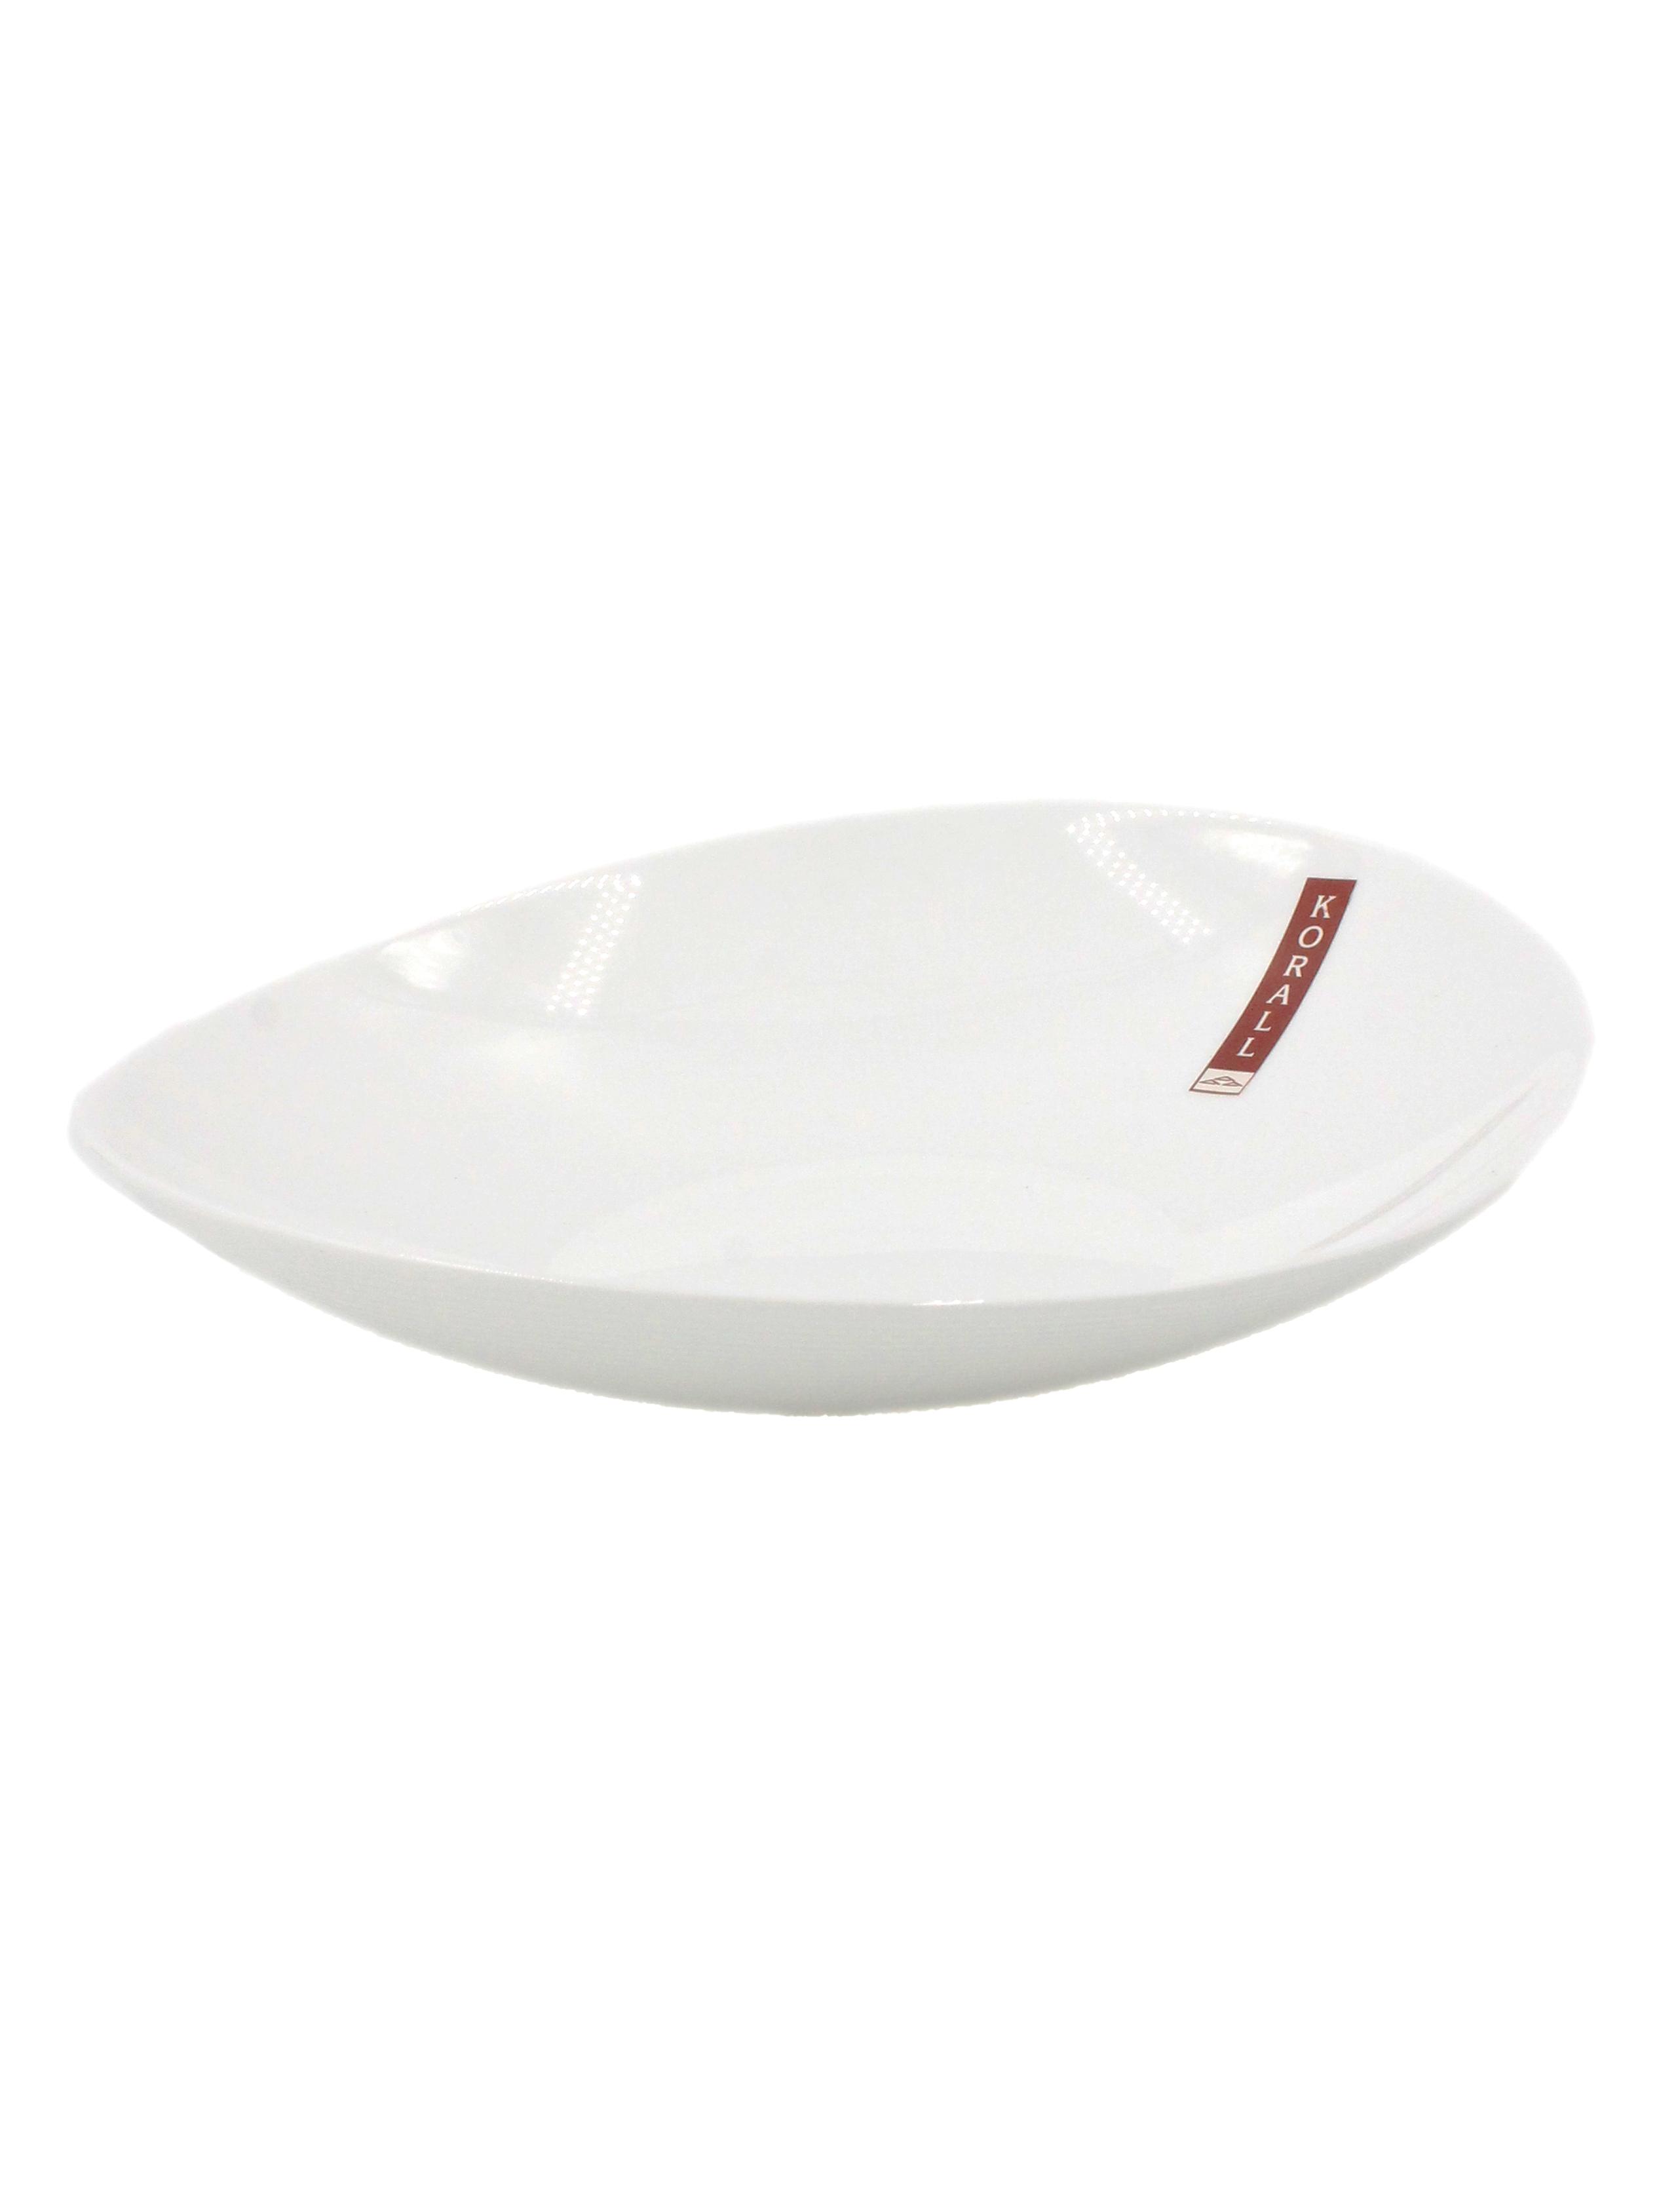 Тарелка Коралл 947193 тарелка плоская 2 шт коралл